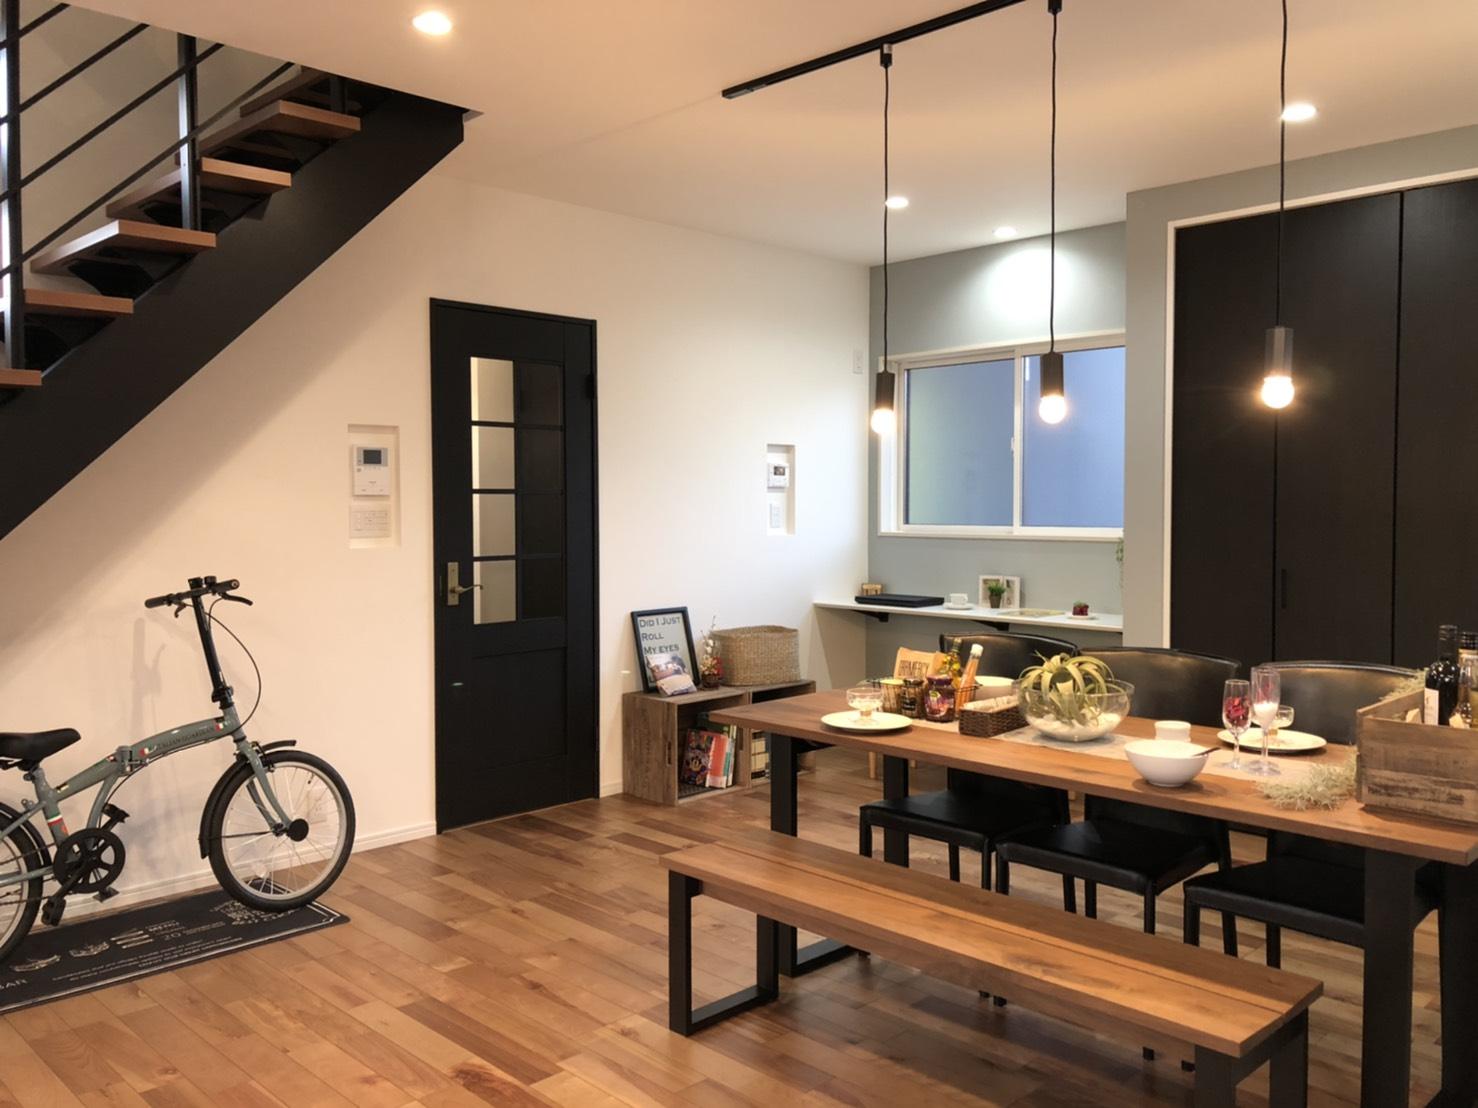 大空間『LOUNGE』がある家 広木モデルハウスグランドオープン 【鹿児島市】